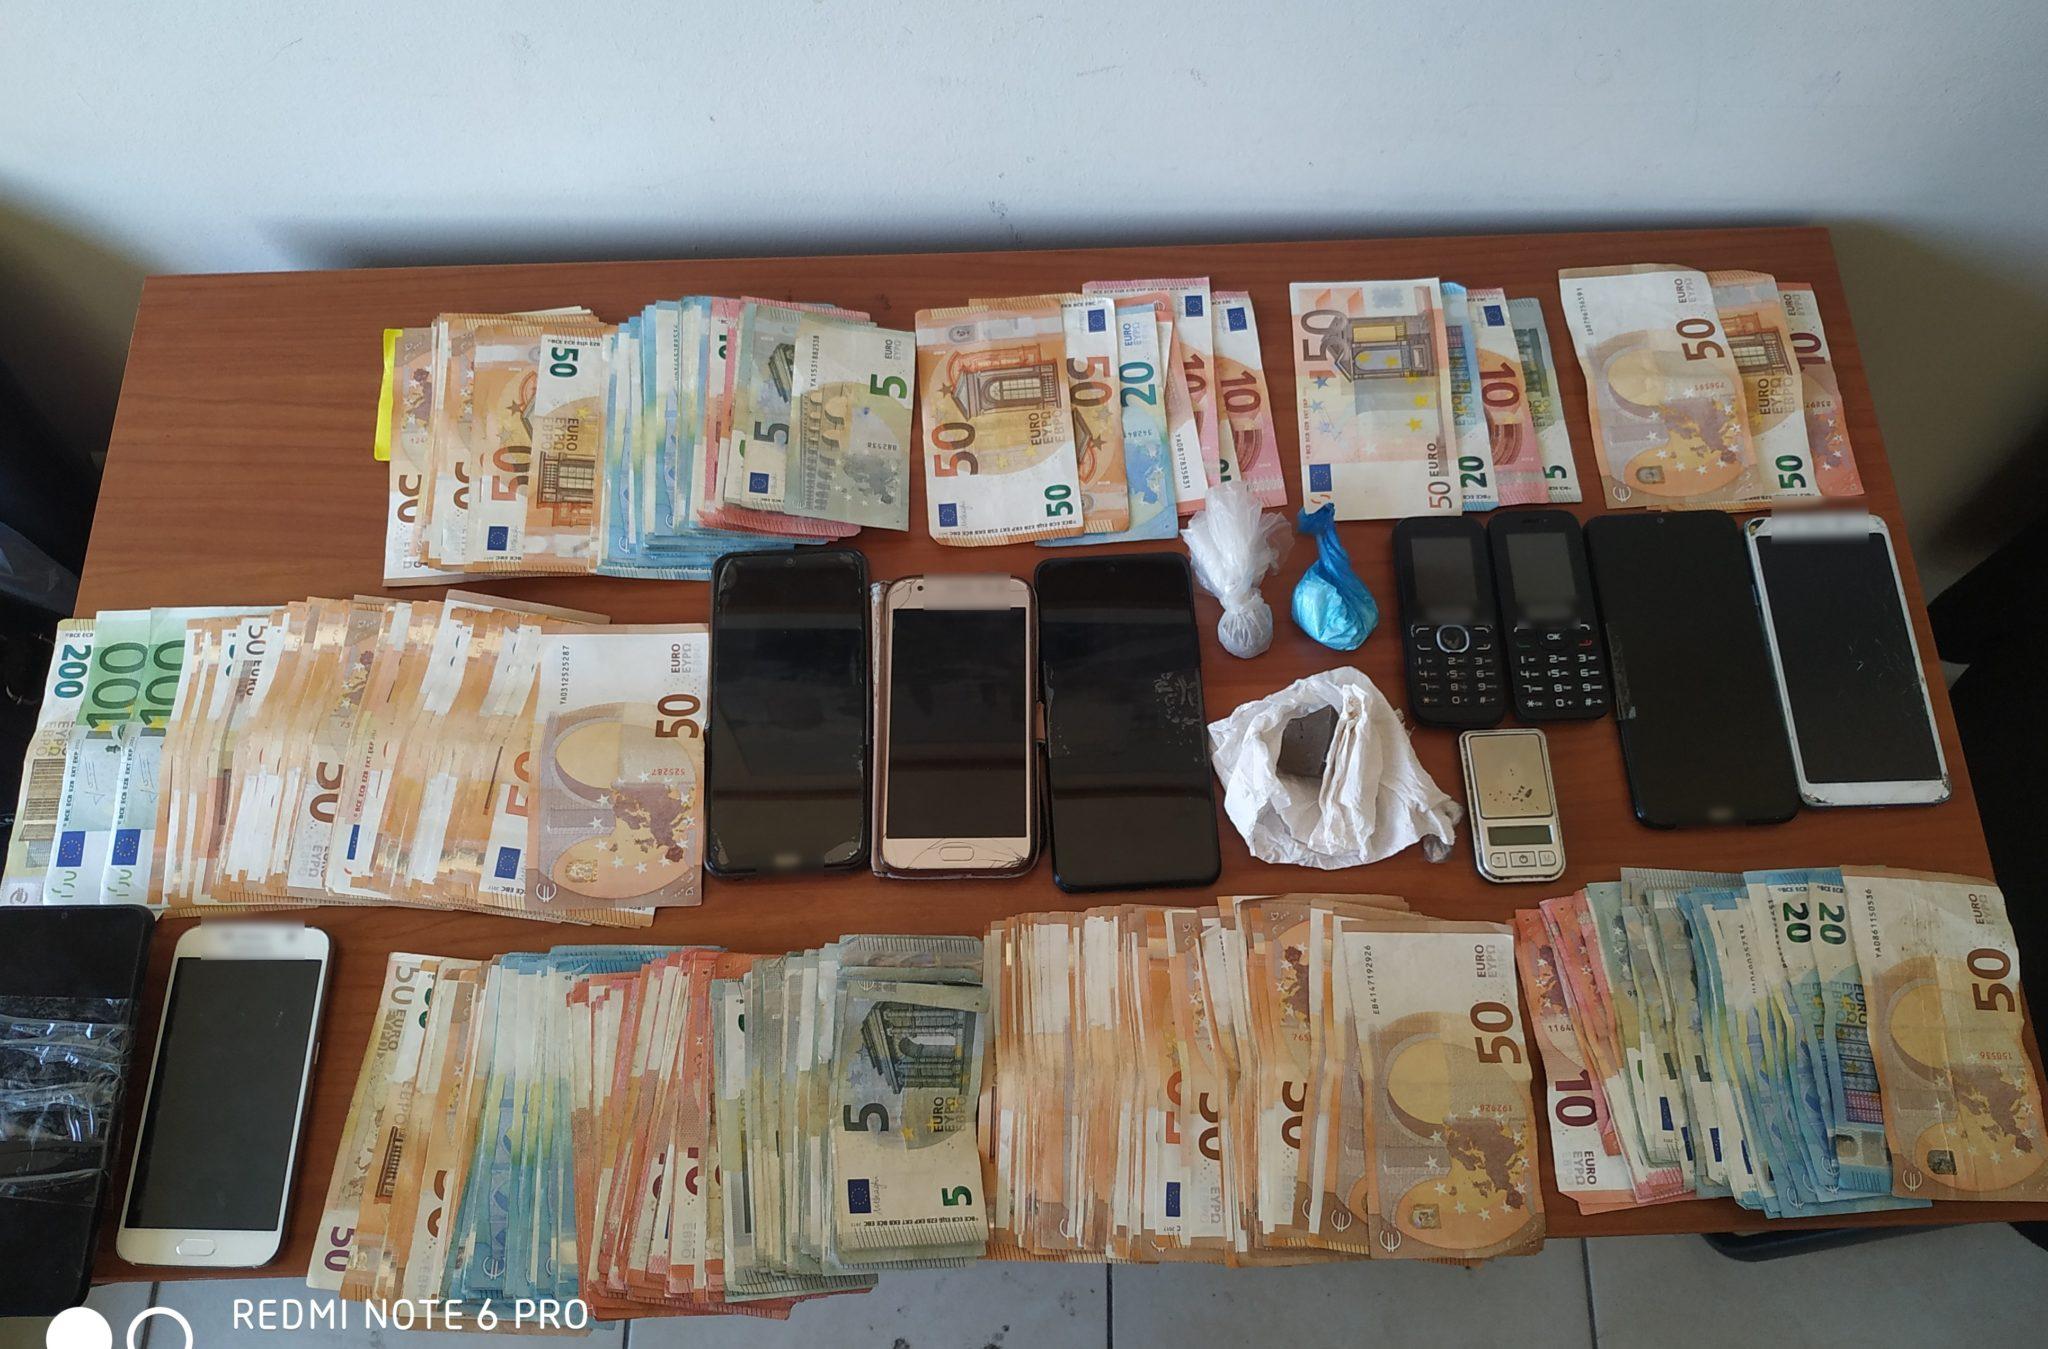 """Ηλεία: Εξαρθρώθηκαν 2 σπείρες διακίνησης ναρκωτικών - Στη """"φάκα"""" των ανδρών της ΕΛ.ΑΣ. 7 άτομα συνολικά- Πώς δρούσαν οι σπείρες με κέρδη 140.000 ευρώ- Η ανακοίνωση της ΕΛ.ΑΣ (photos)"""